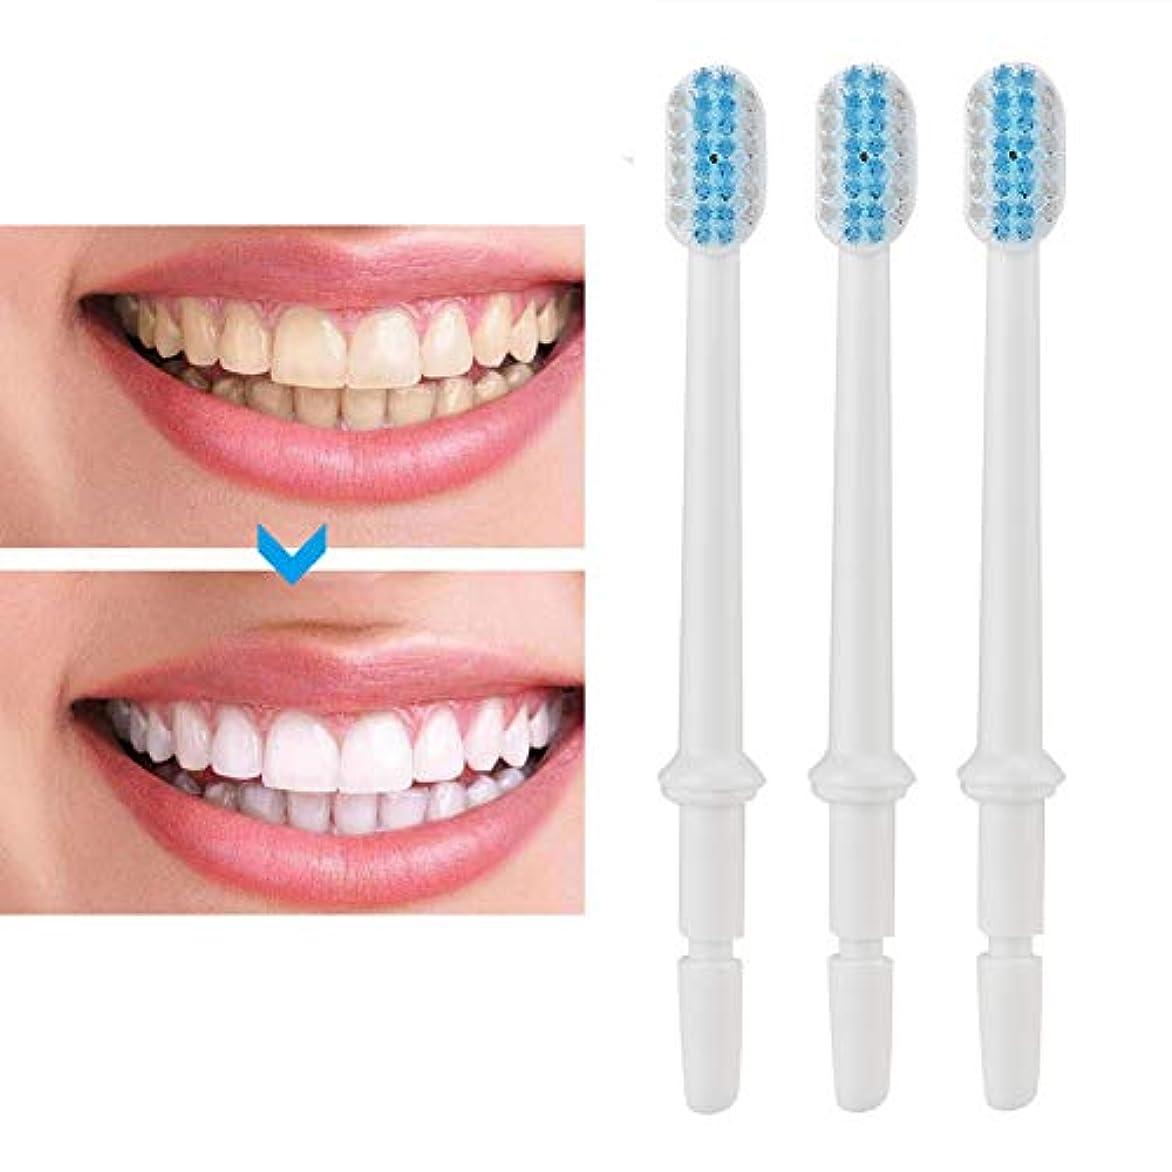 バーベキューのぞき穴ボール3本/セット歯ブラシノズルフロス歯磨き器フロスノズル交換部品